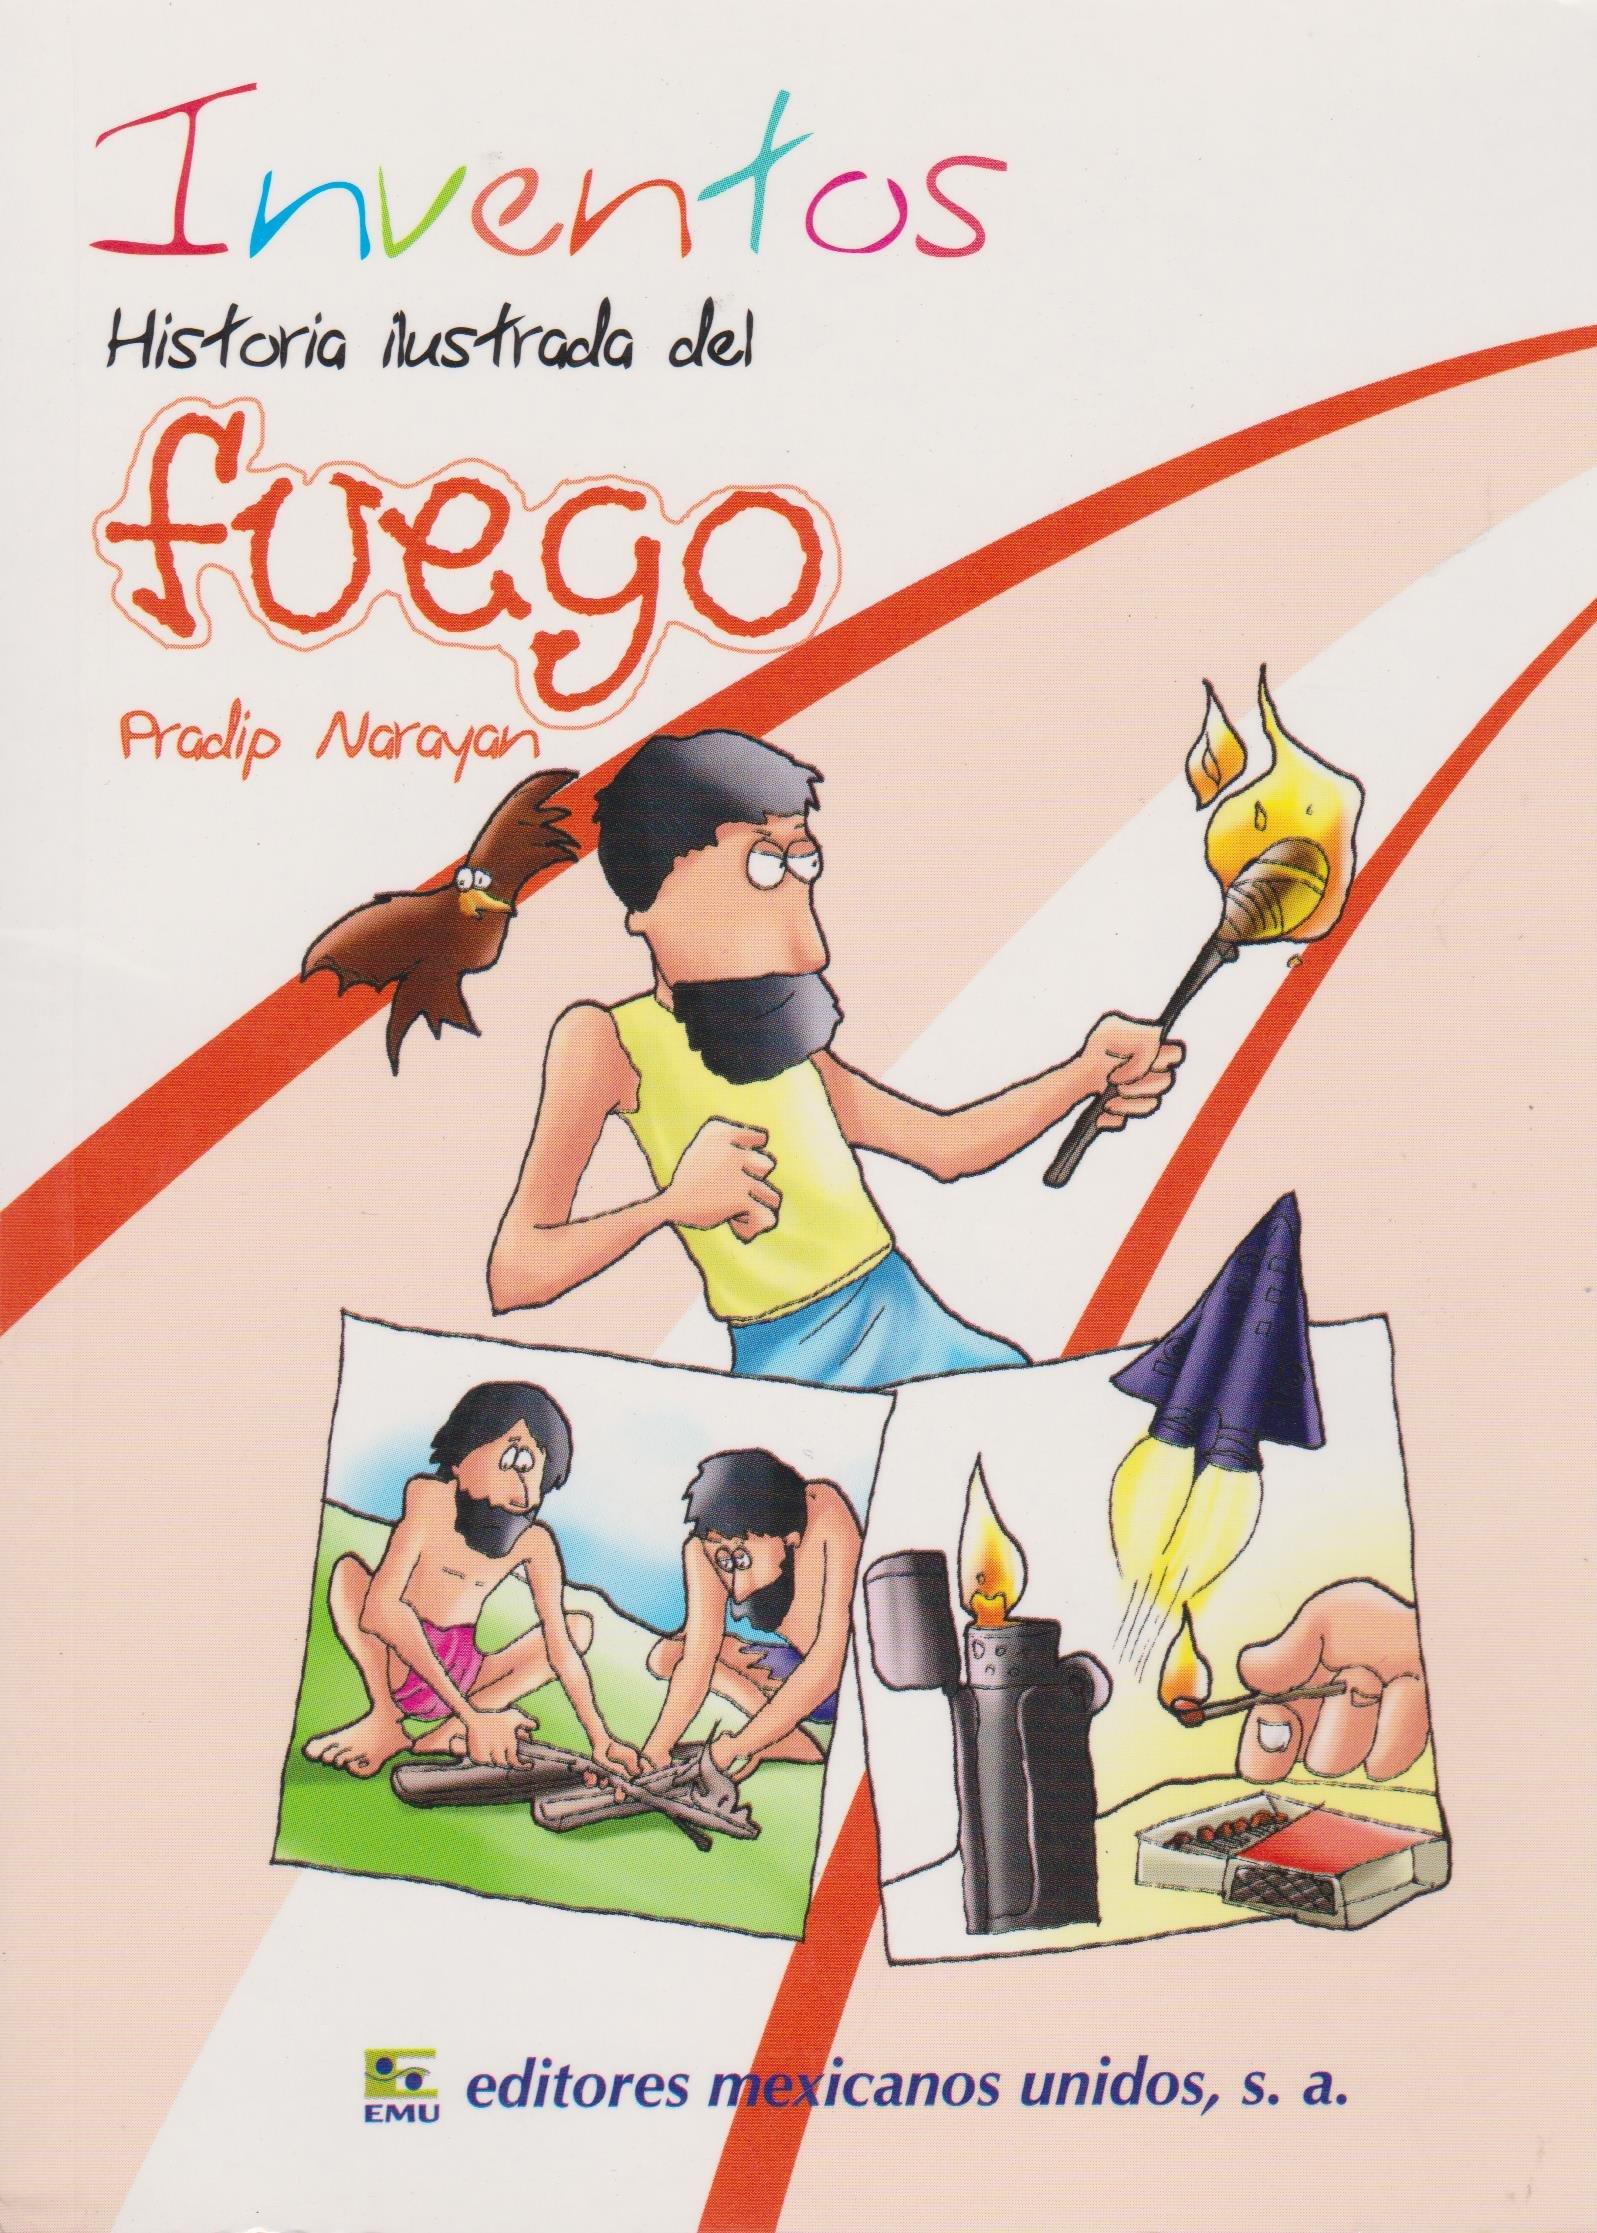 Inventos. Historia ilustrada del fuego (Spanish Edition) (Spanish) Paperback – August 1, 2012